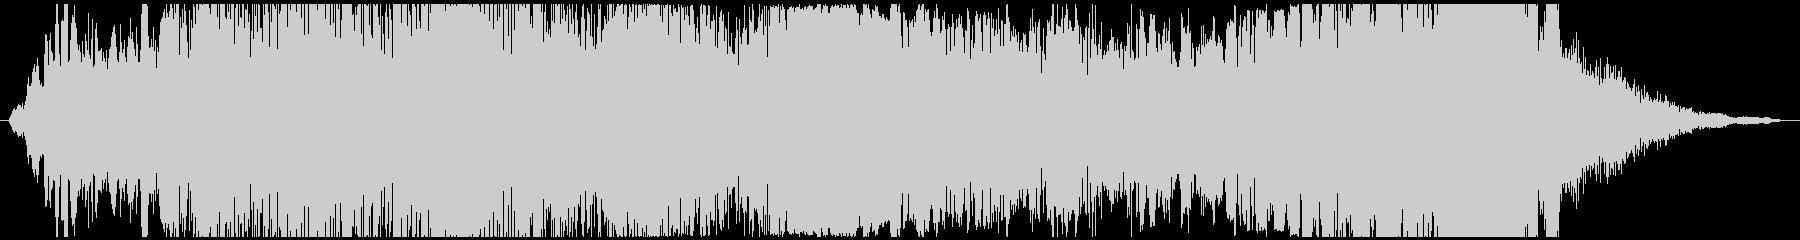 ドローン うめき声01の未再生の波形